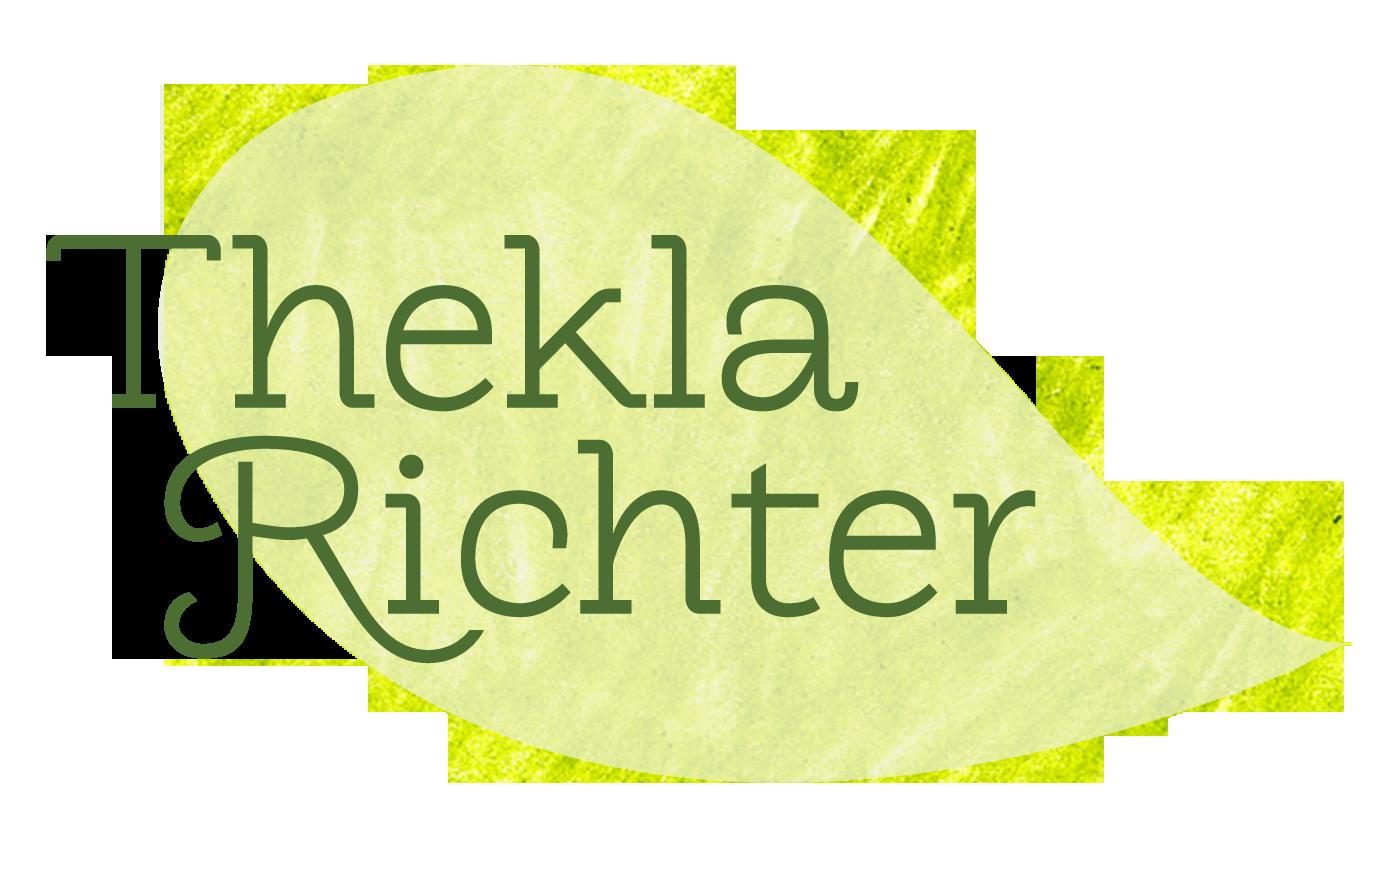 Thekla Richter